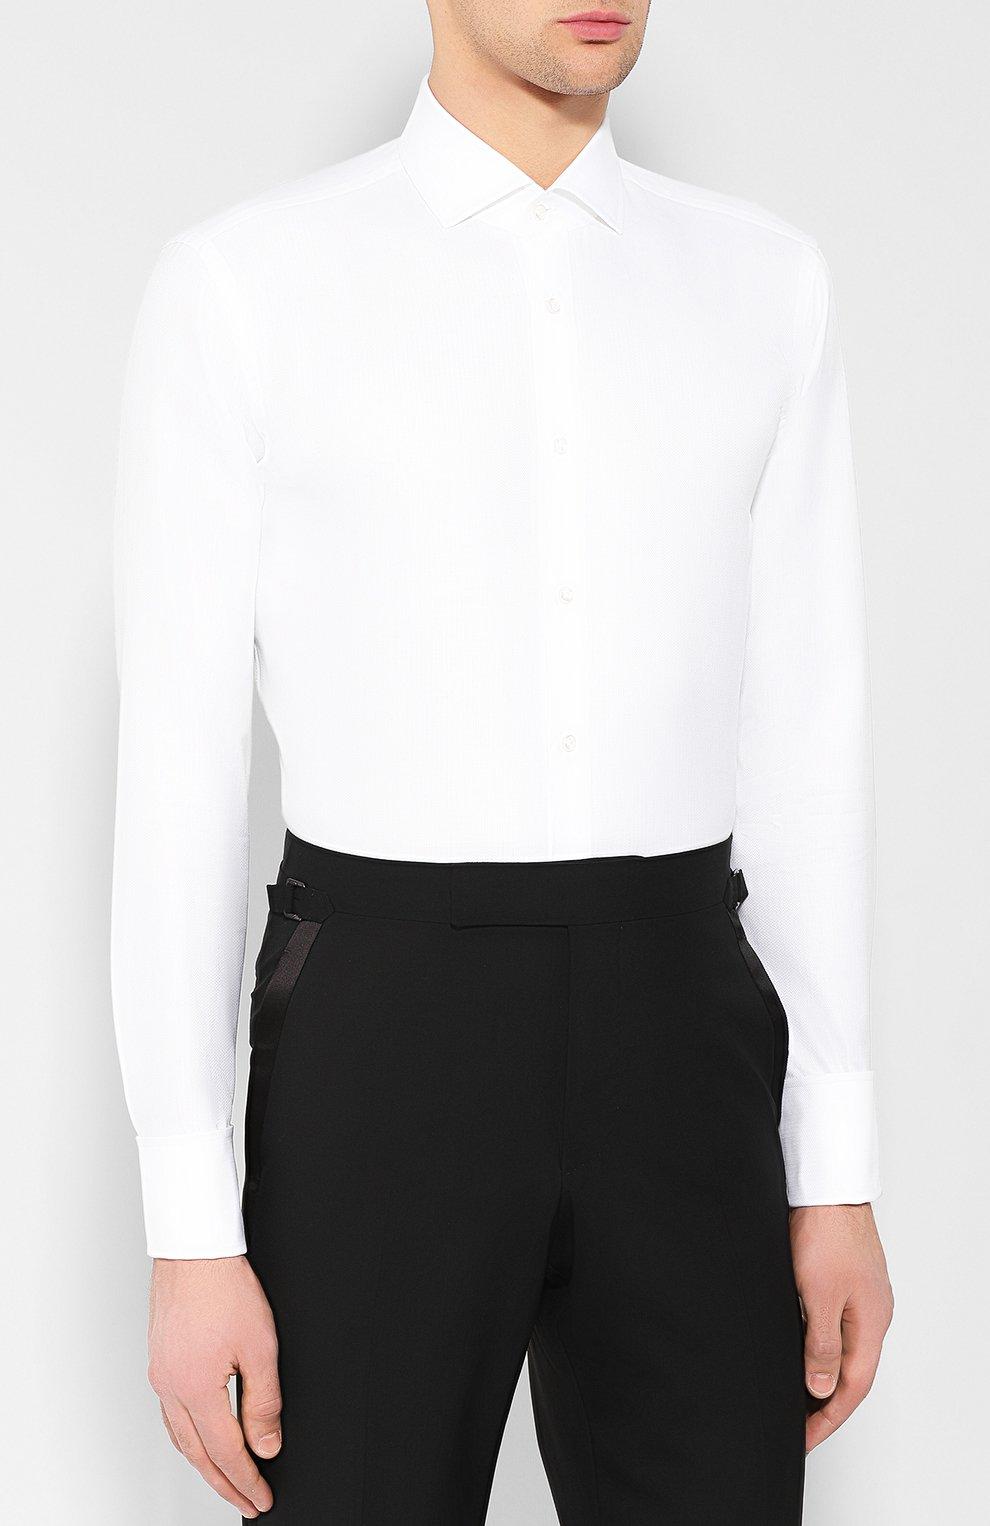 64eaa00577d Мужская белая хлопковая рубашка BOSS — купить за 12500 руб. в ...